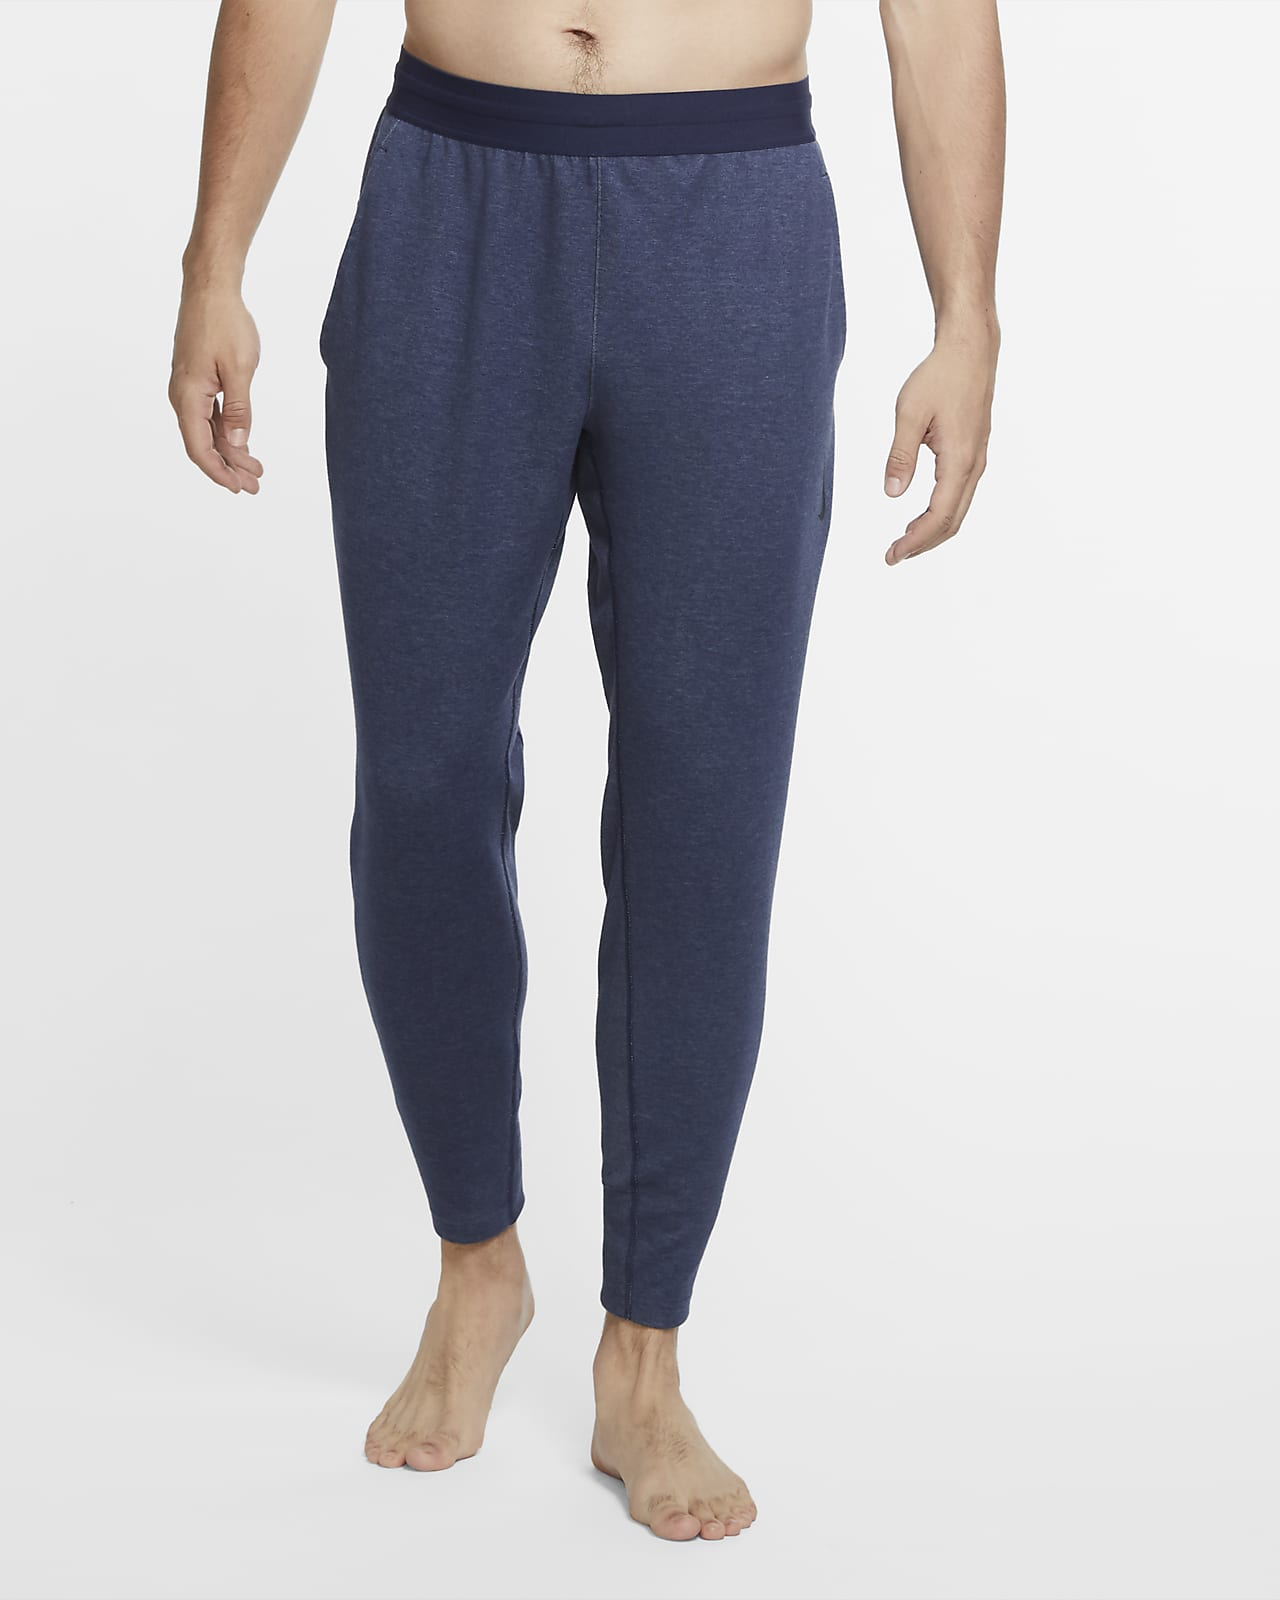 Nike Yoga Men's Pants